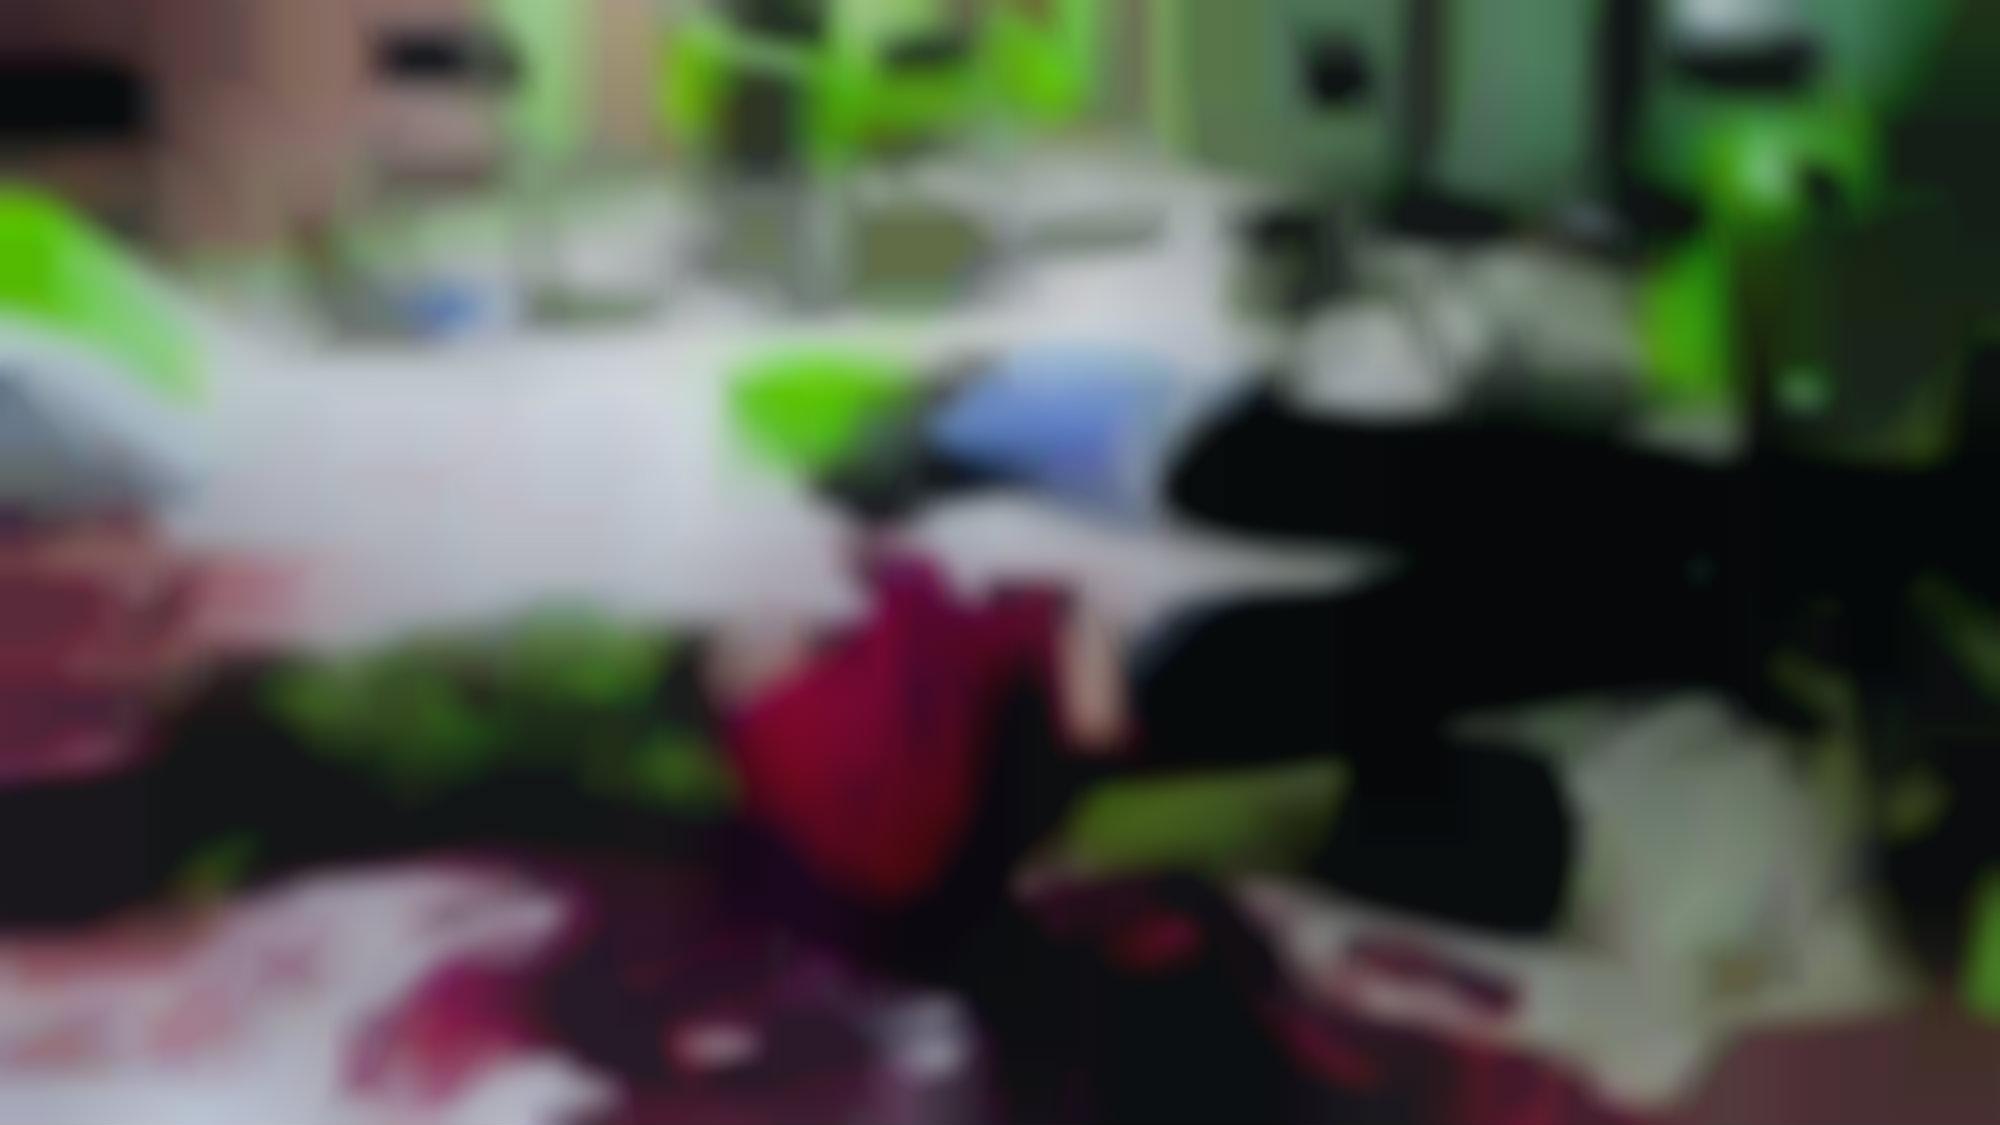 Balacera Antro Morelos Derecho de piso